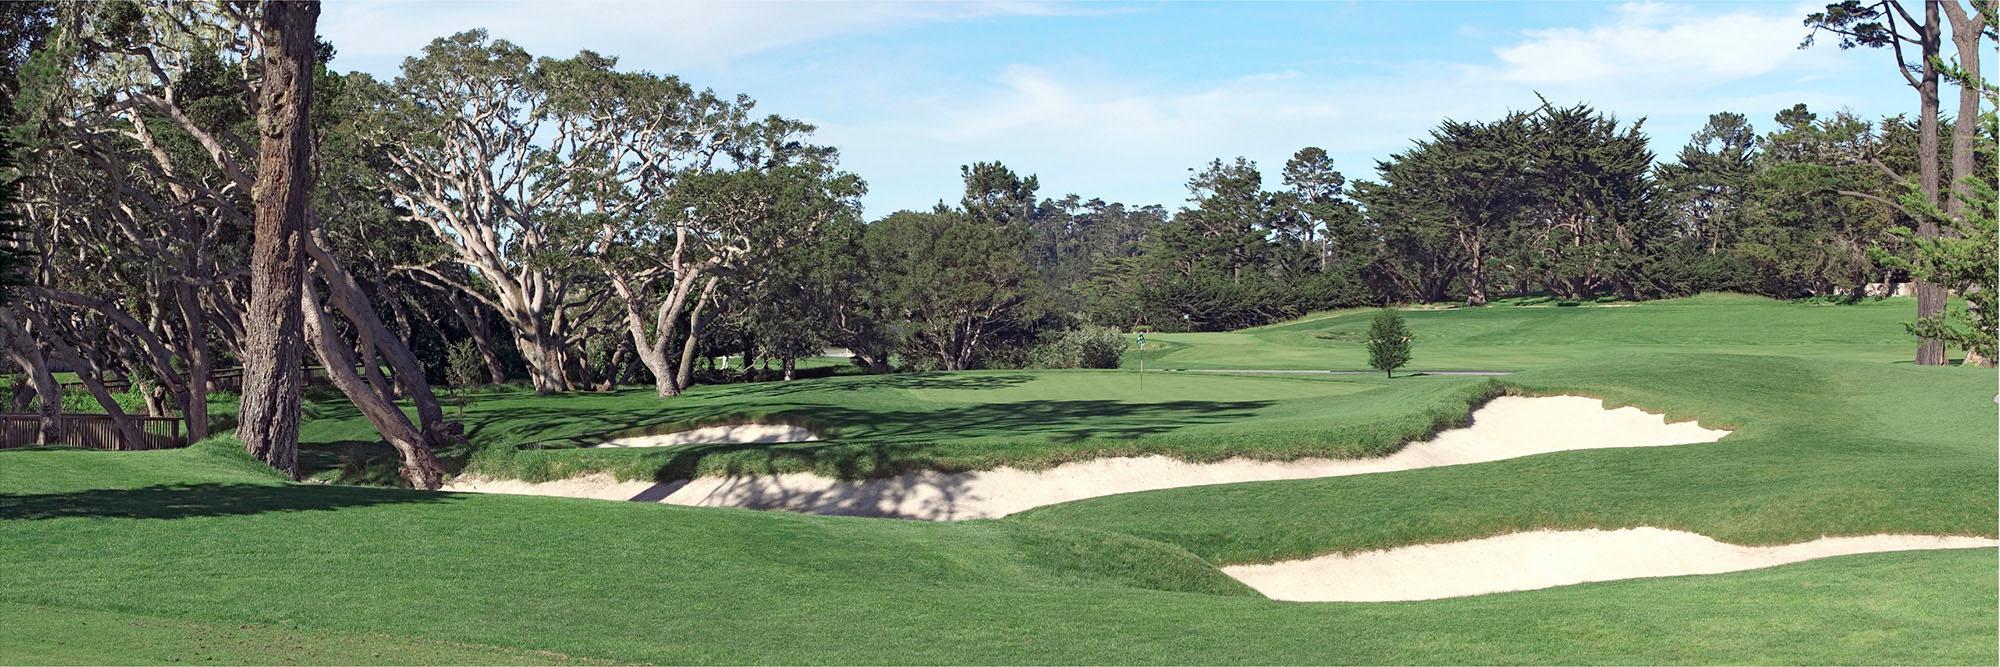 Golf Course Image - Pebble Beach No. 16